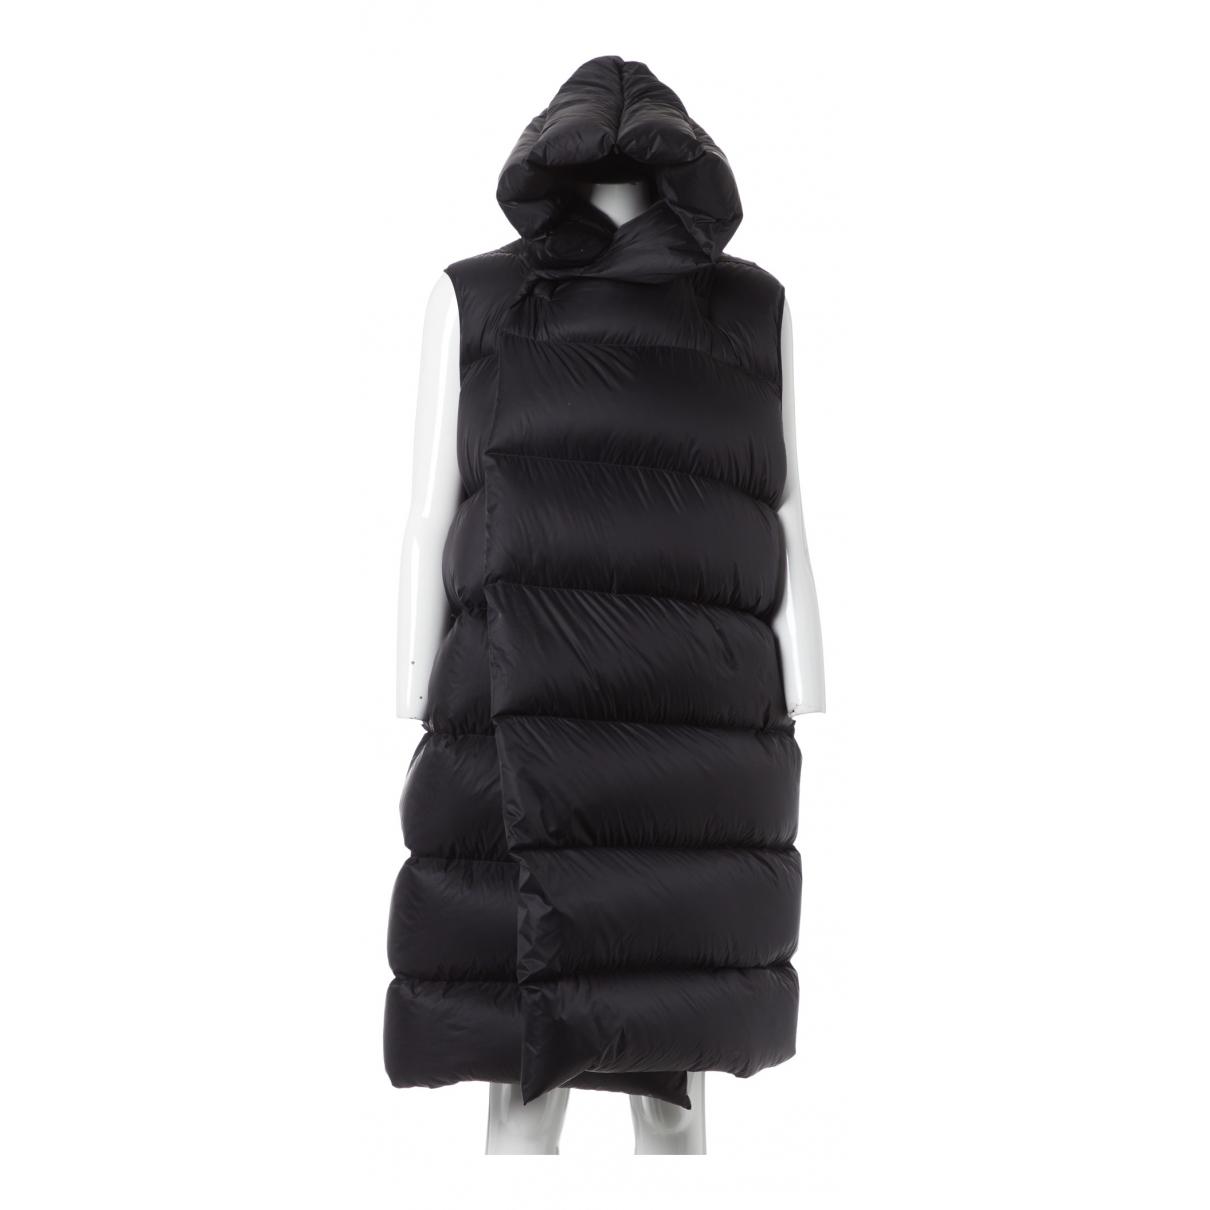 Rick Owens \N Black jacket for Women 50-52 IT